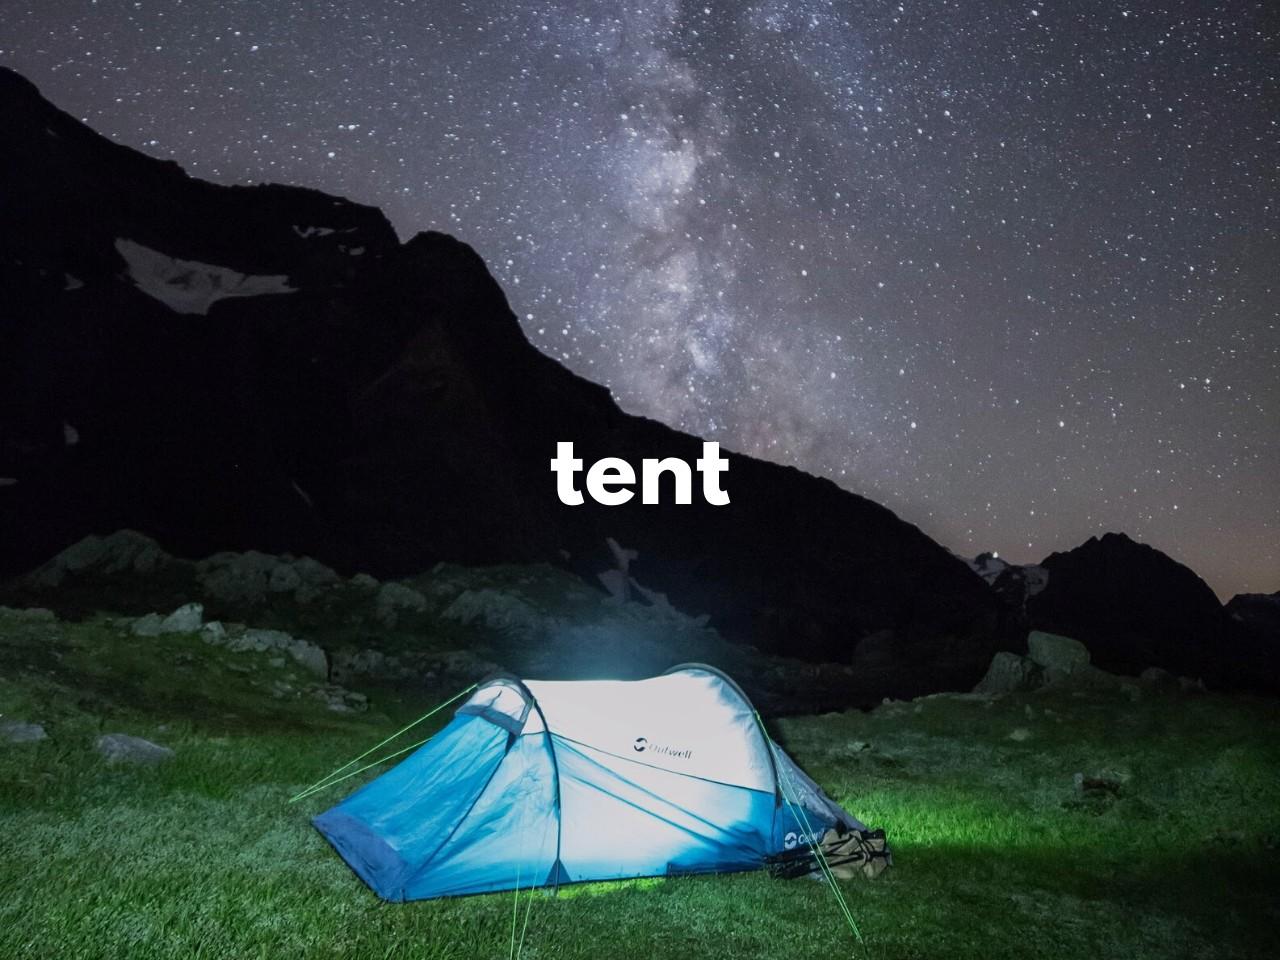 tent : テント